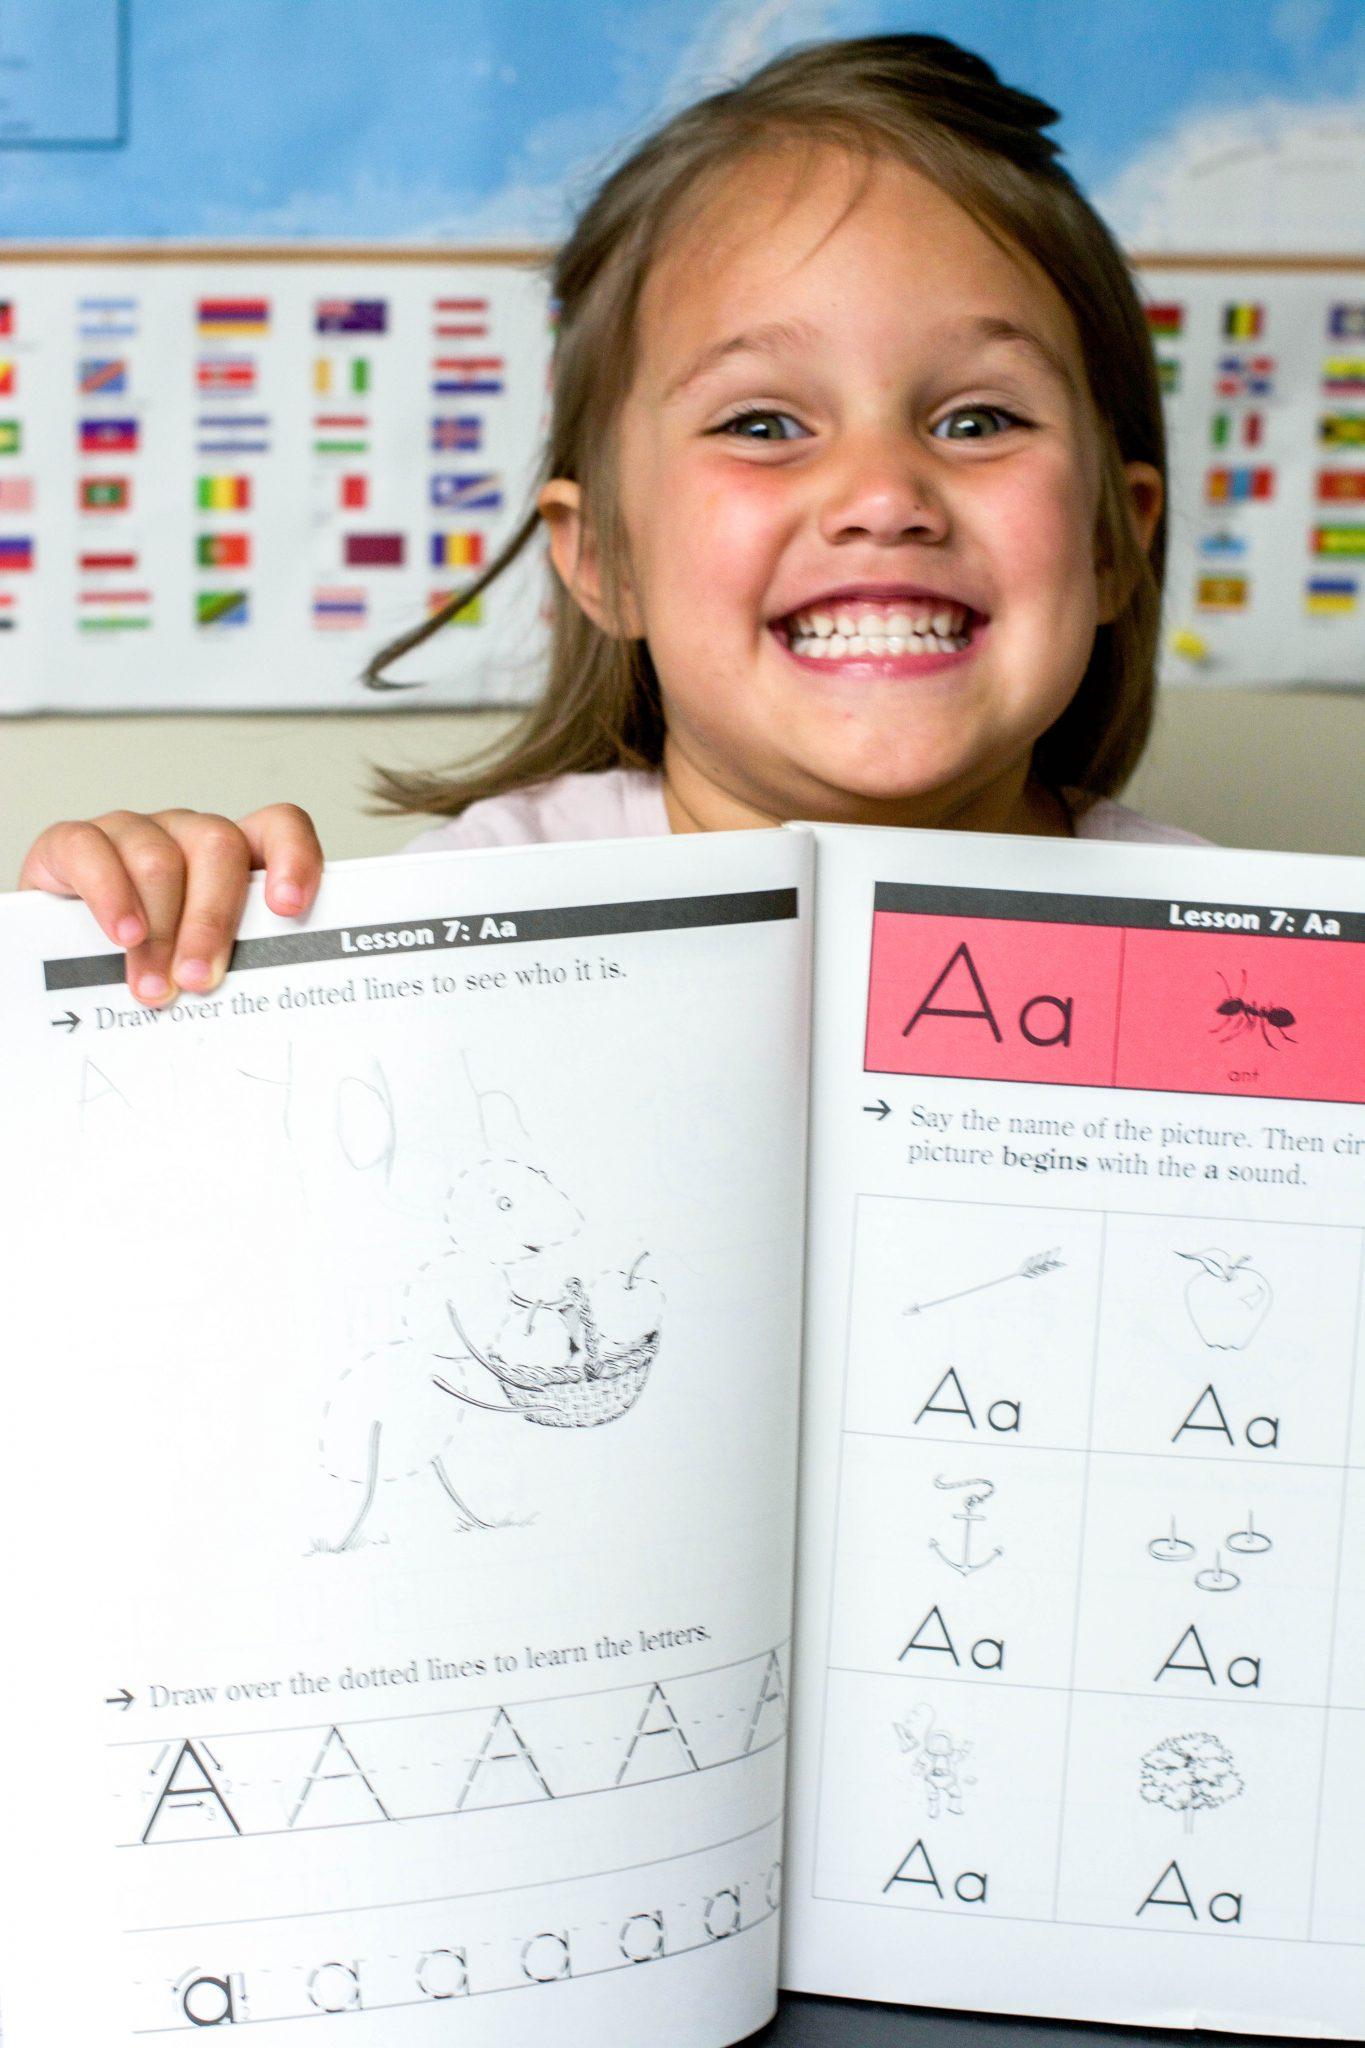 A proud little preschooler